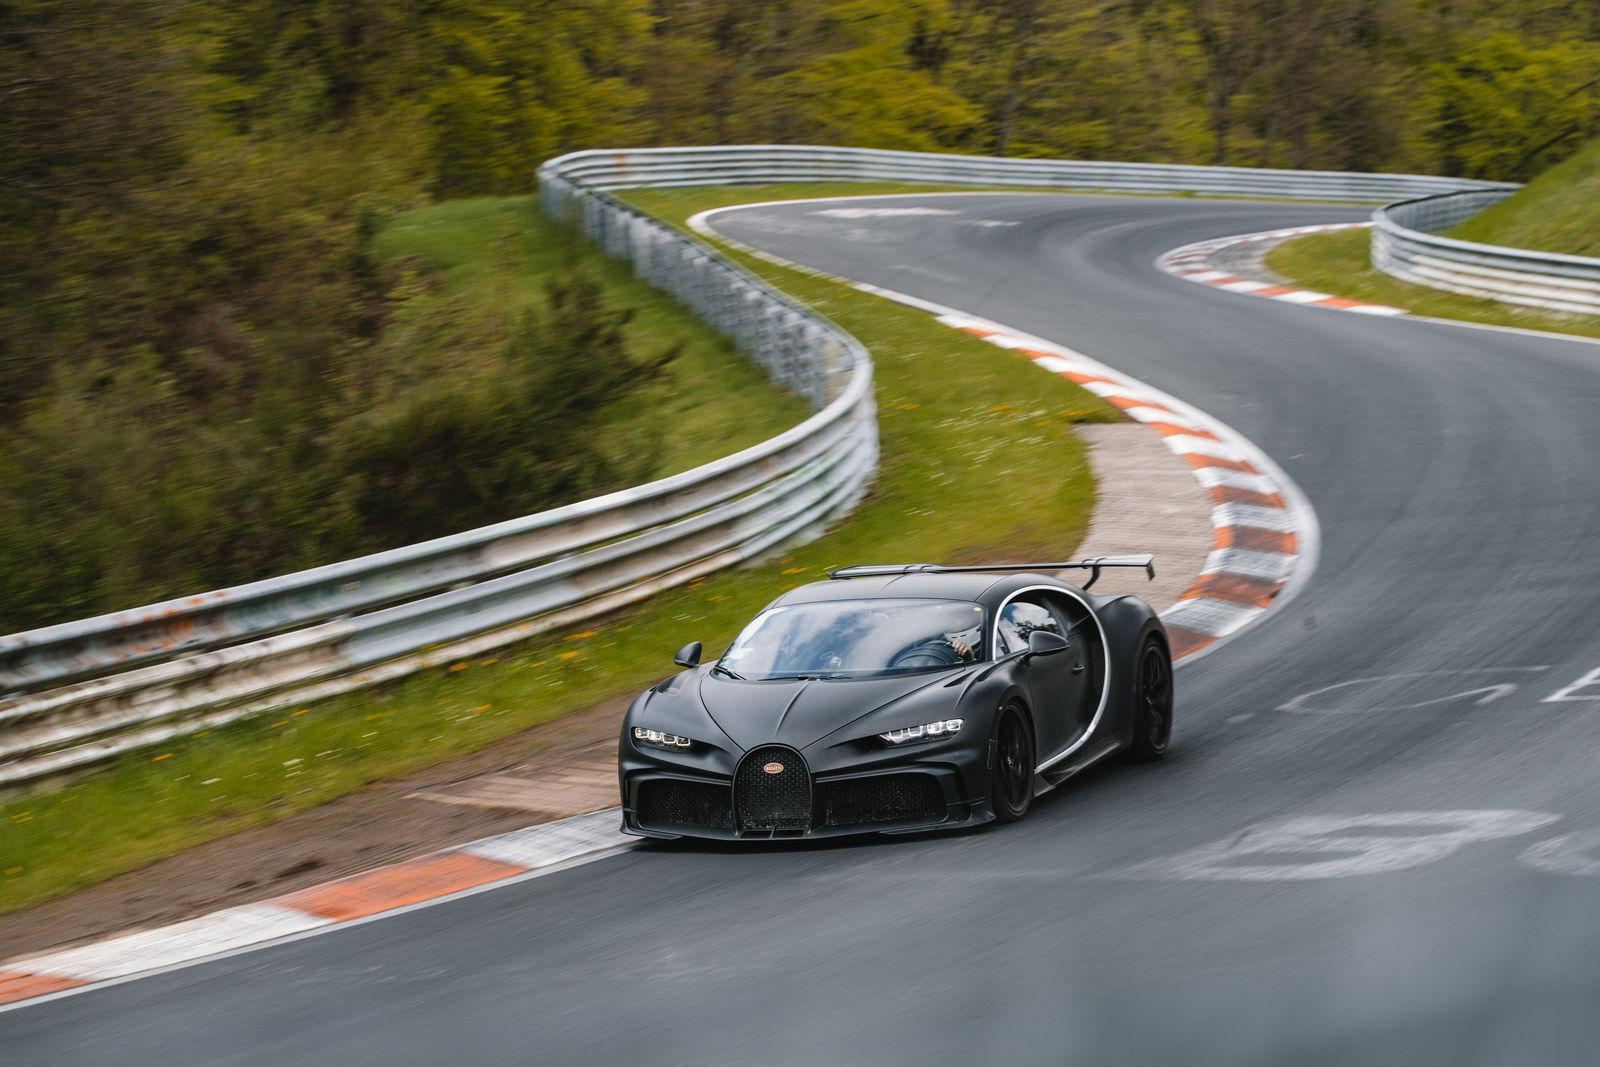 Bugatti-mang-dàn-hypercar-hơn-2-triệu-đô-đến-Nurburgring (3).jpg